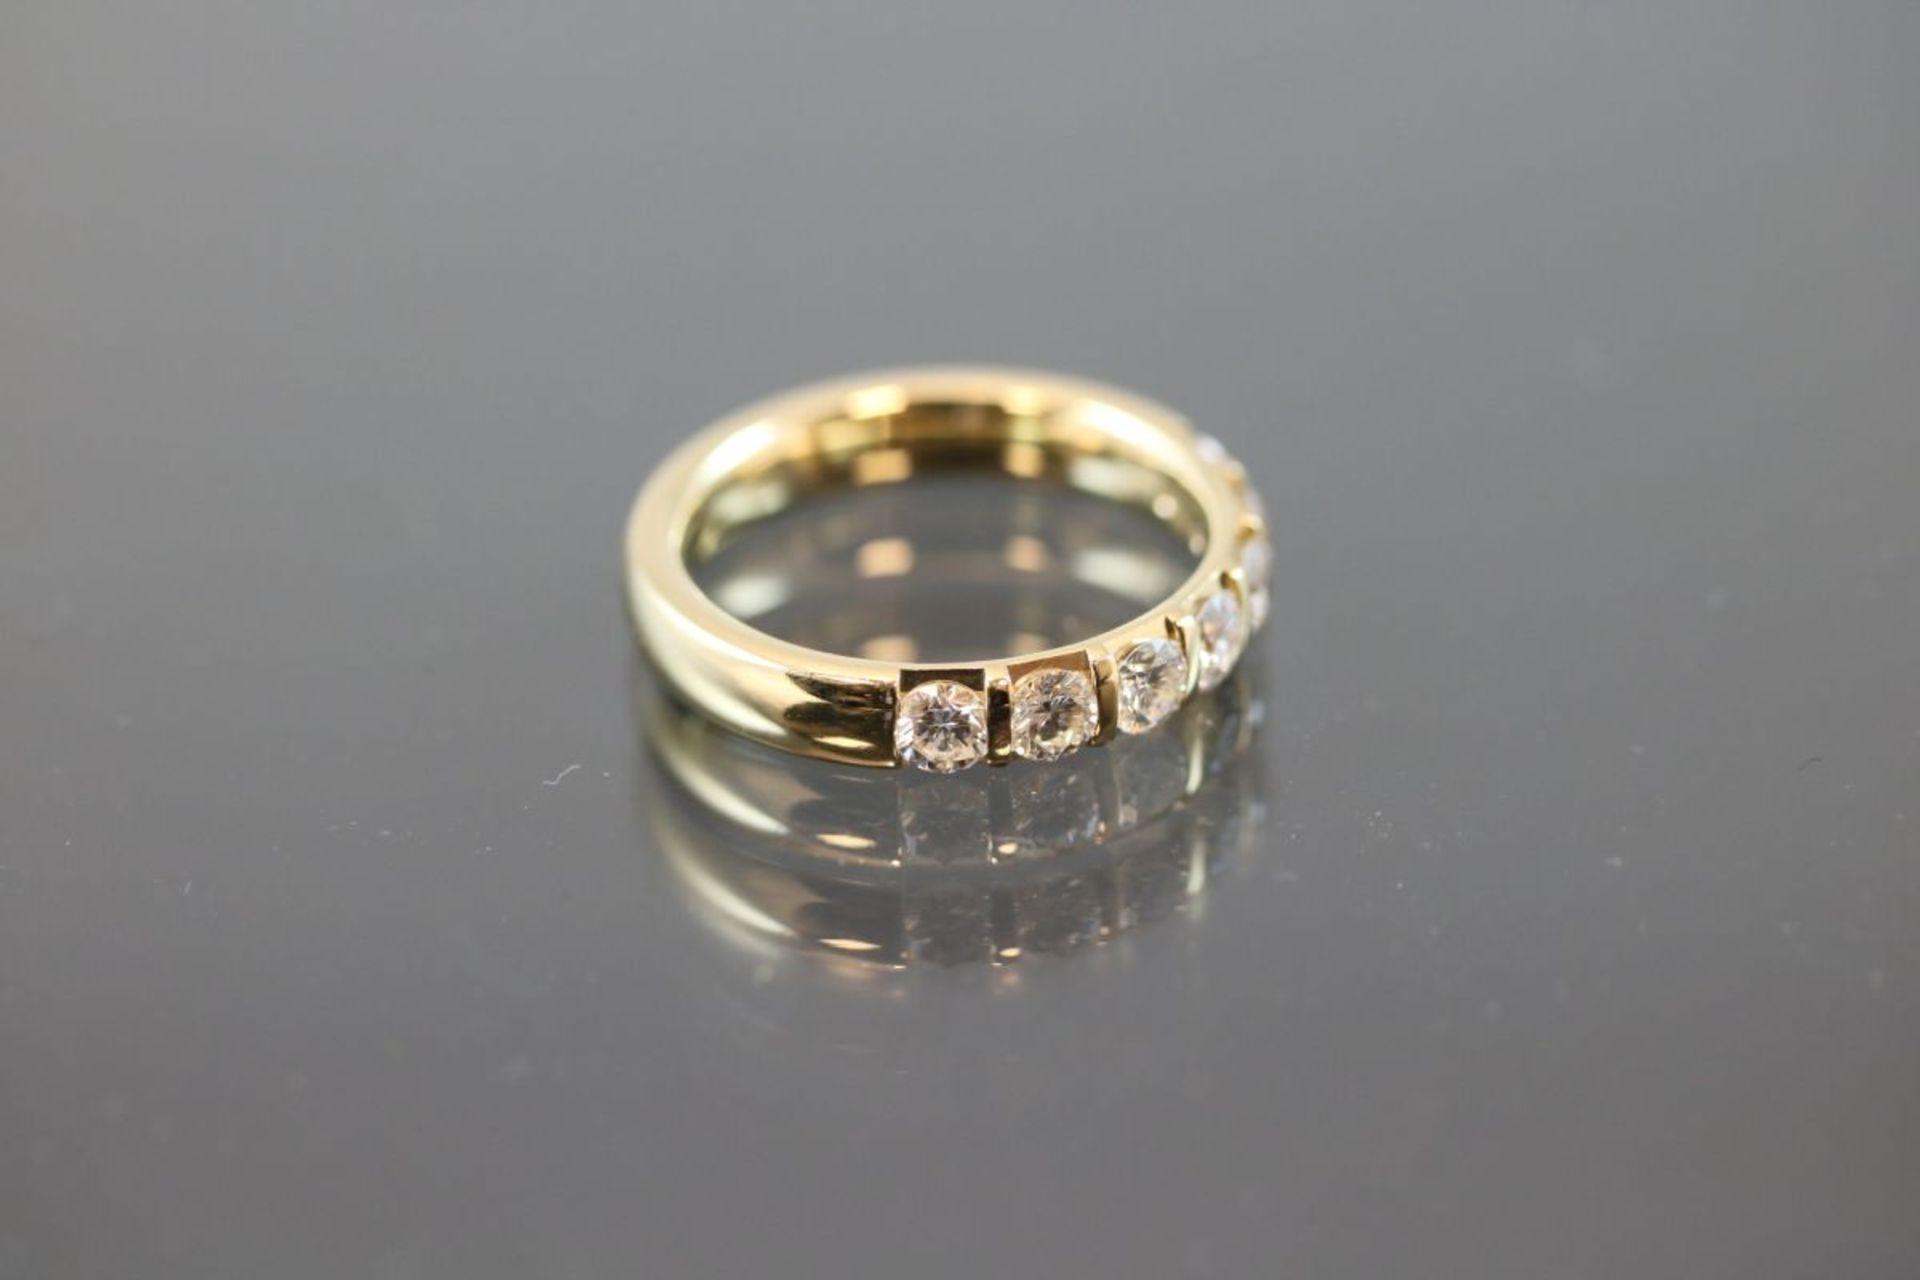 Brillant-Ring, 750 Gold6 Gramm 7 Brillanten, 0,98 ct., tw/vsi. Ringgröße: 55Schätzpreis: 3500,- - Bild 3 aus 3